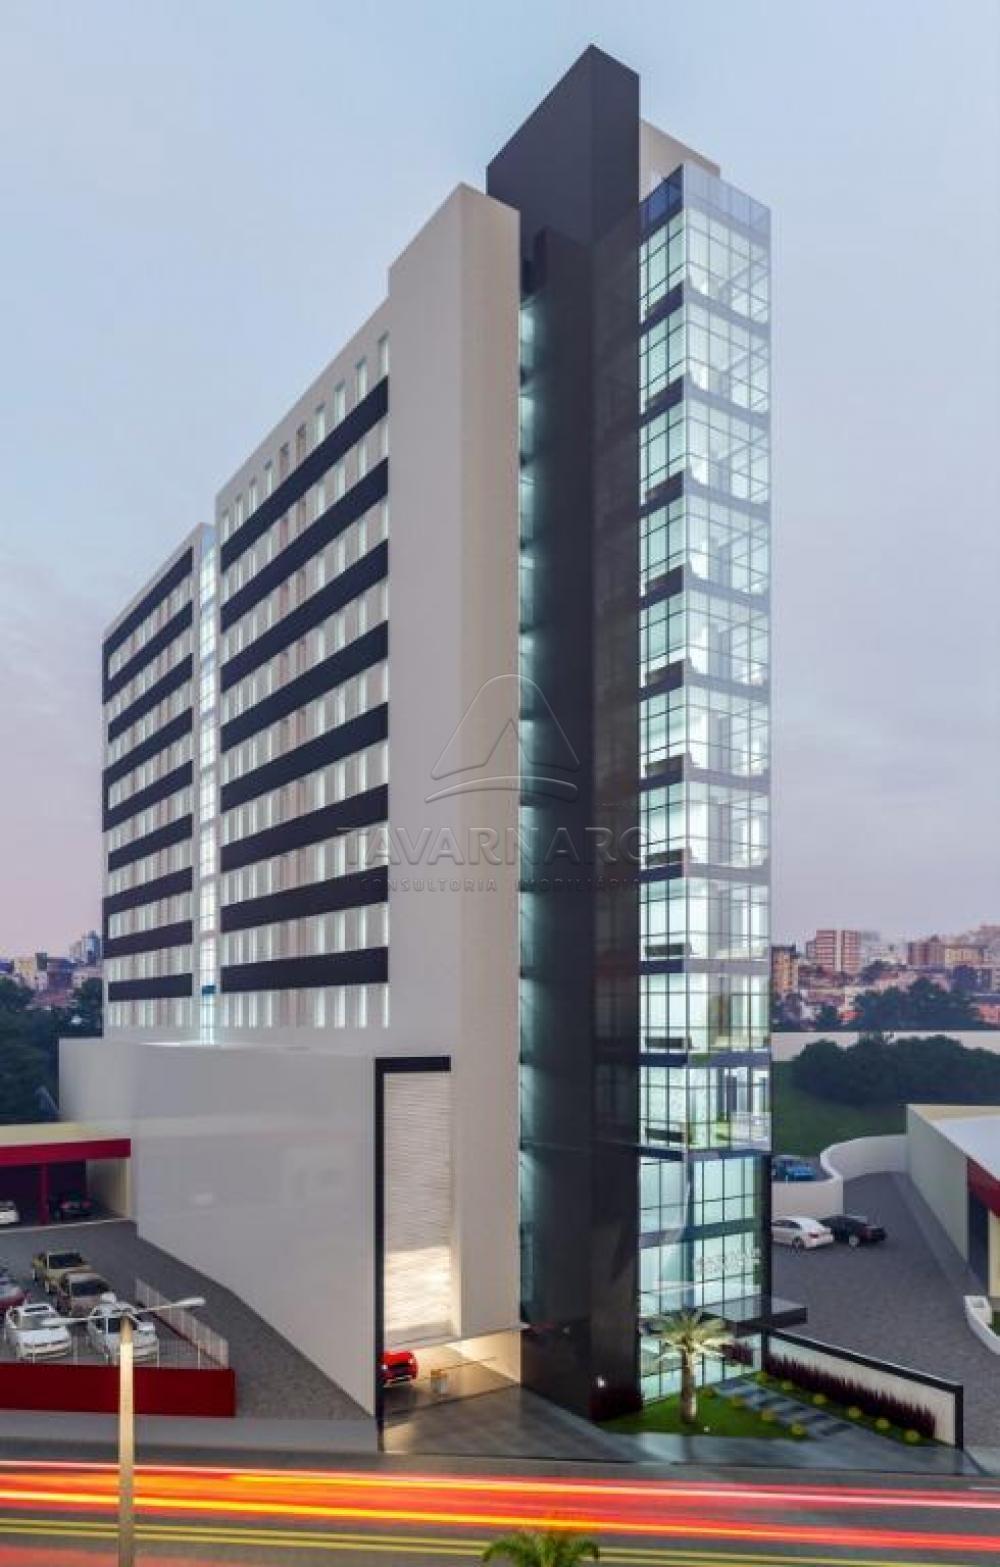 Comprar Comercial / Sala Condomínio em Ponta Grossa apenas R$ 351.700,16 - Foto 4